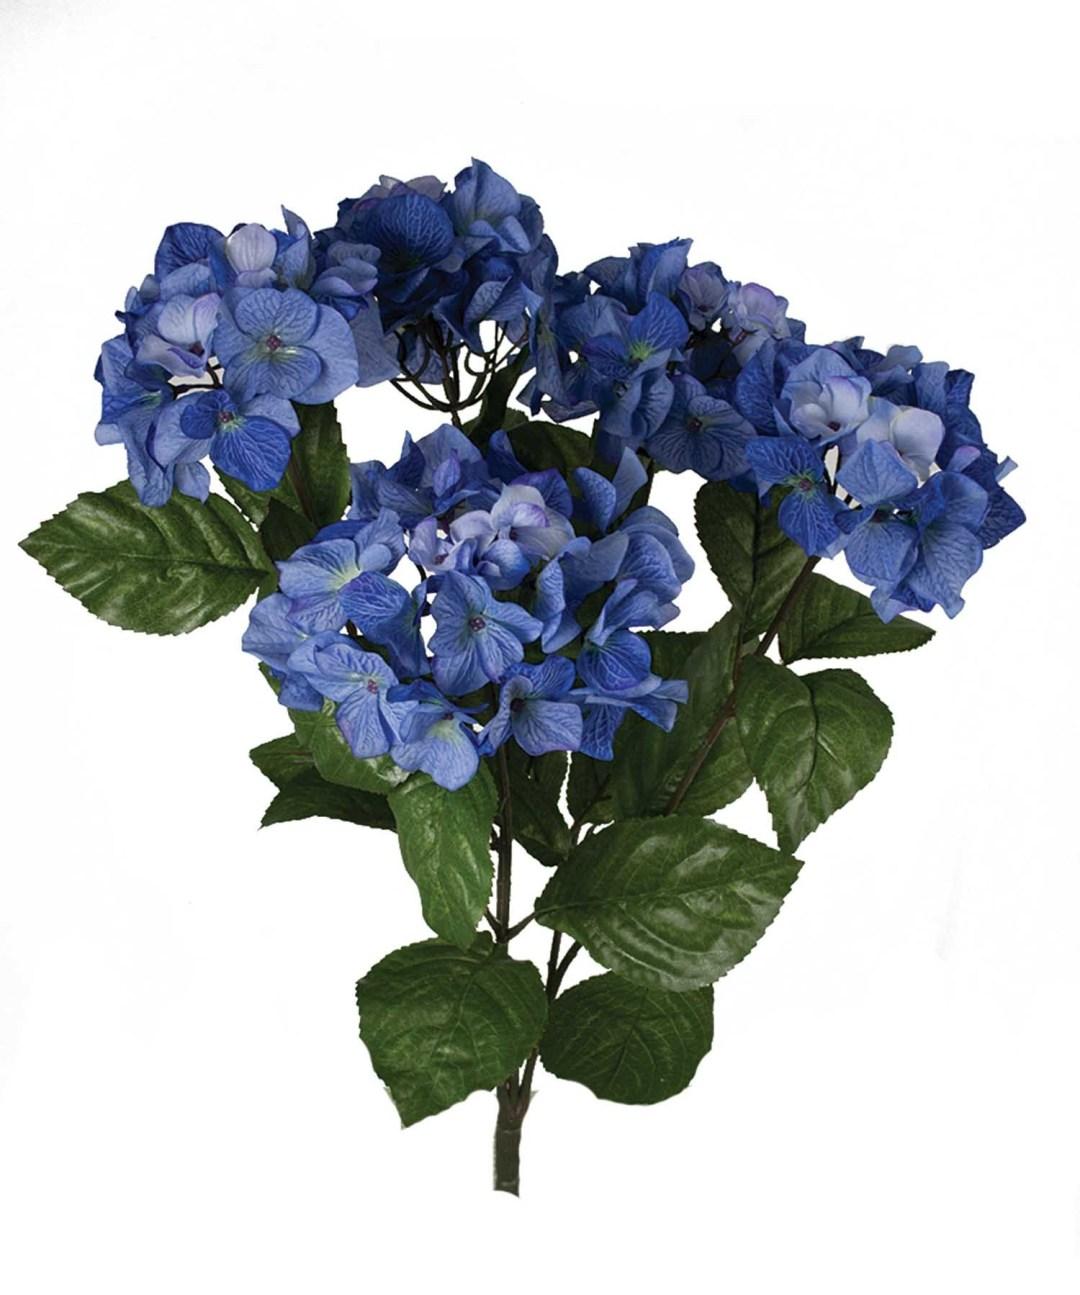 """SB0301BLUE - 23"""" Hydrangea Bush x5 $10.95 each SB0301BLUE"""